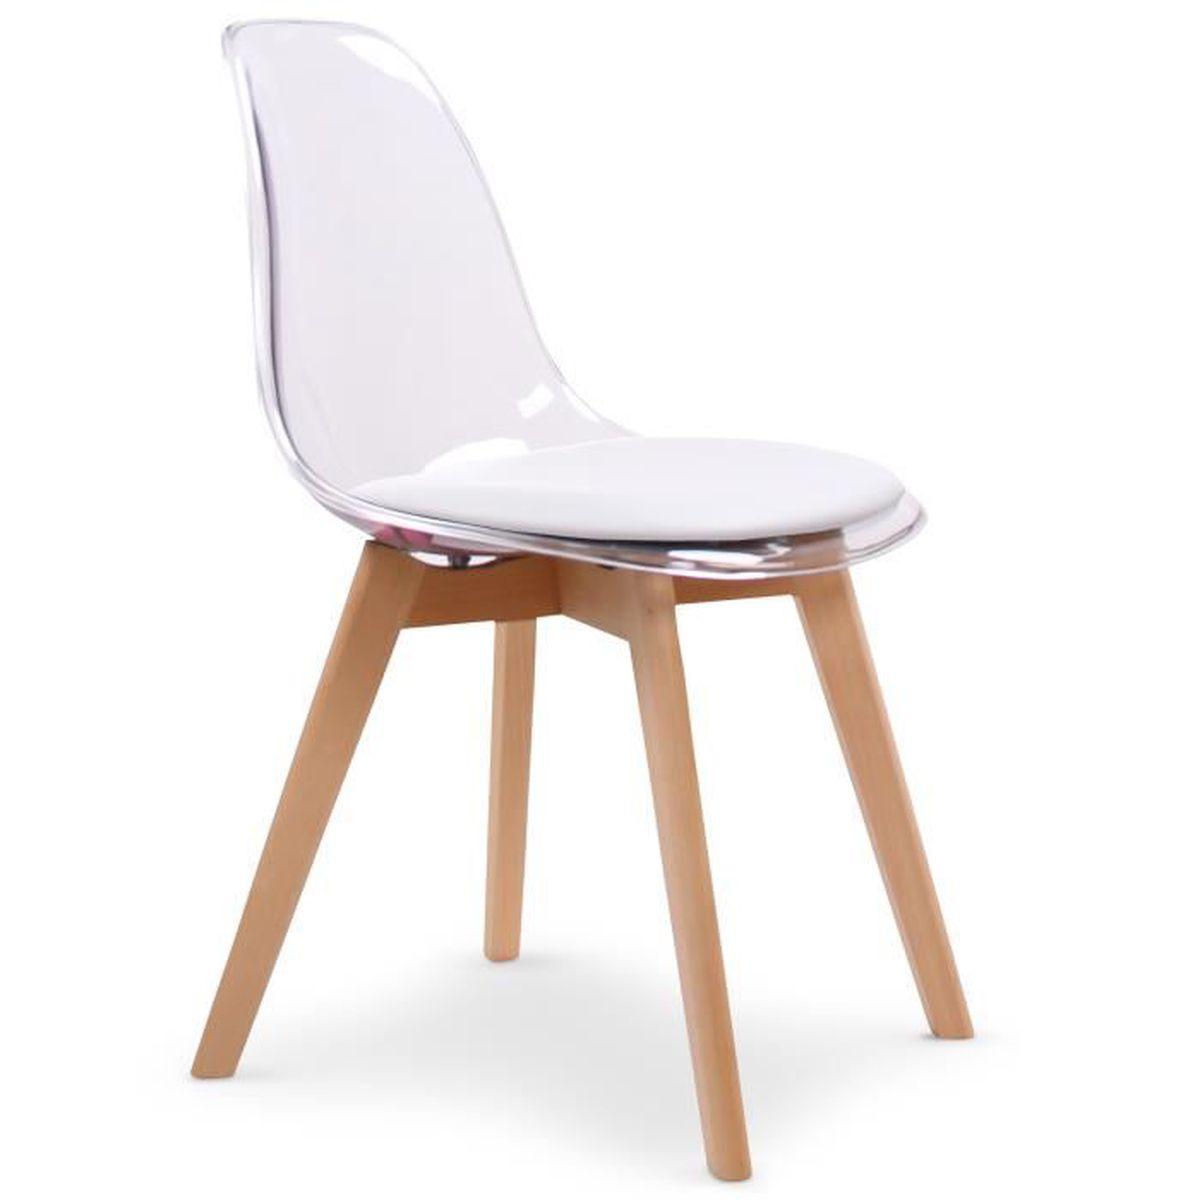 lot de 2 chaises plexi style scandinave emma blanc achat. Black Bedroom Furniture Sets. Home Design Ideas